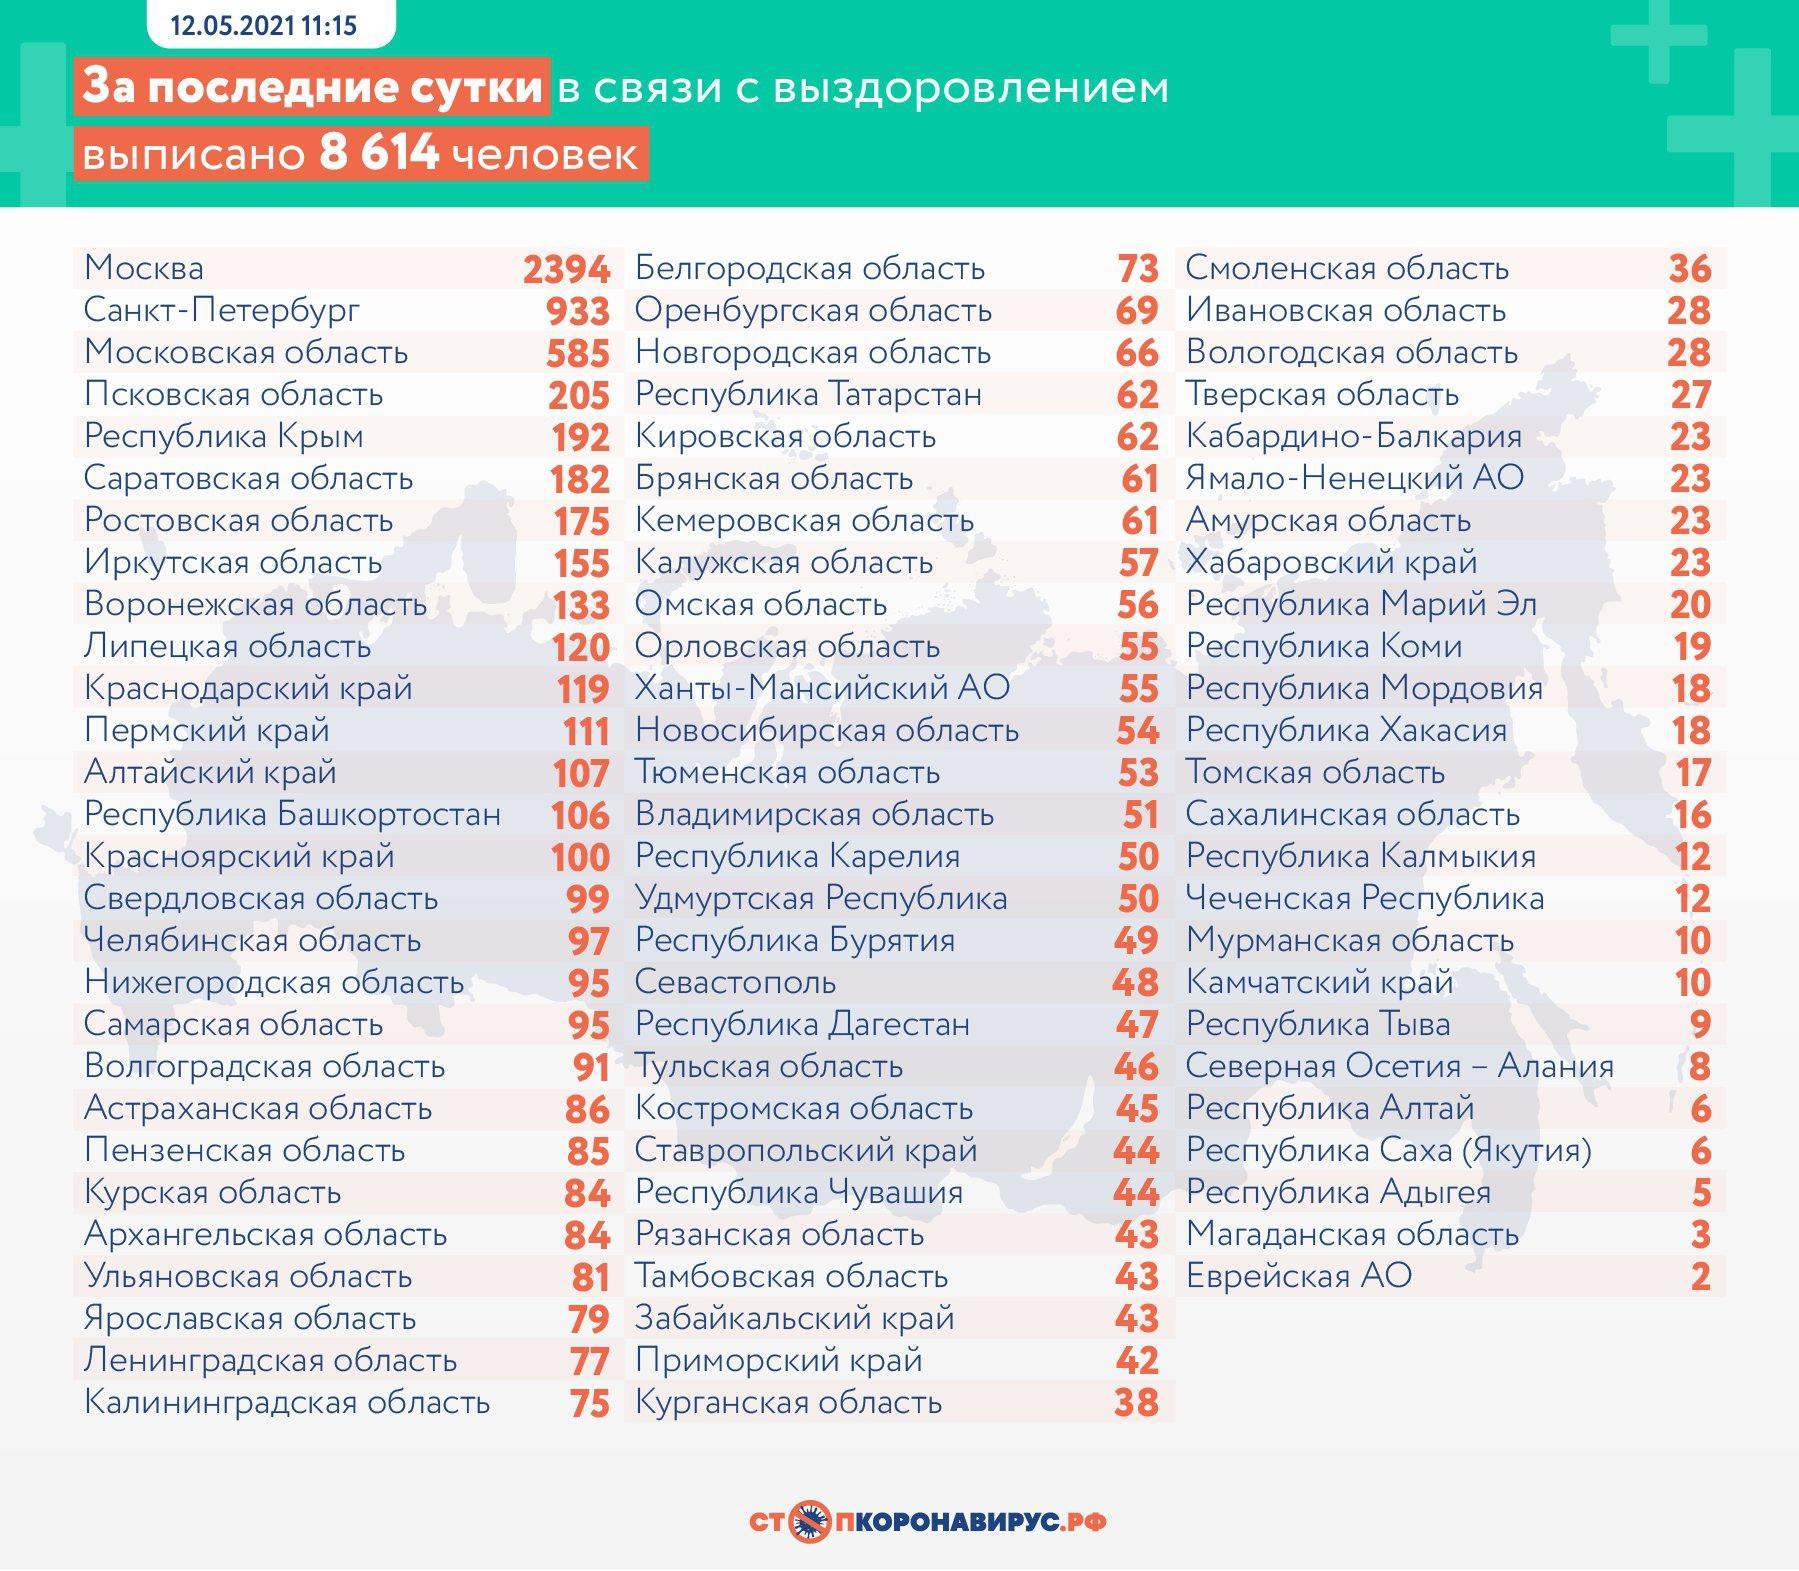 фото 355 человек скончались от коронавируса в России за сутки 3